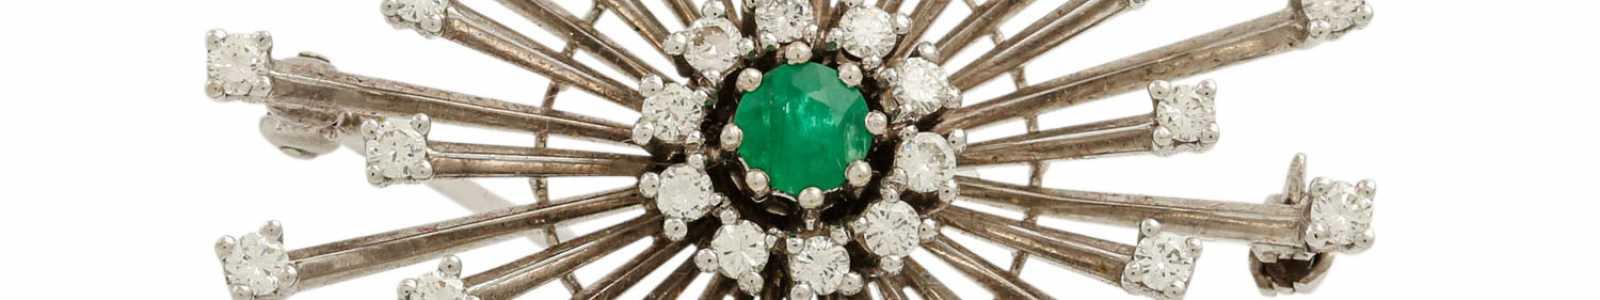 Schmuck, Uhren, Porzellan, Silber, Luxus-Uhren & Accessoires